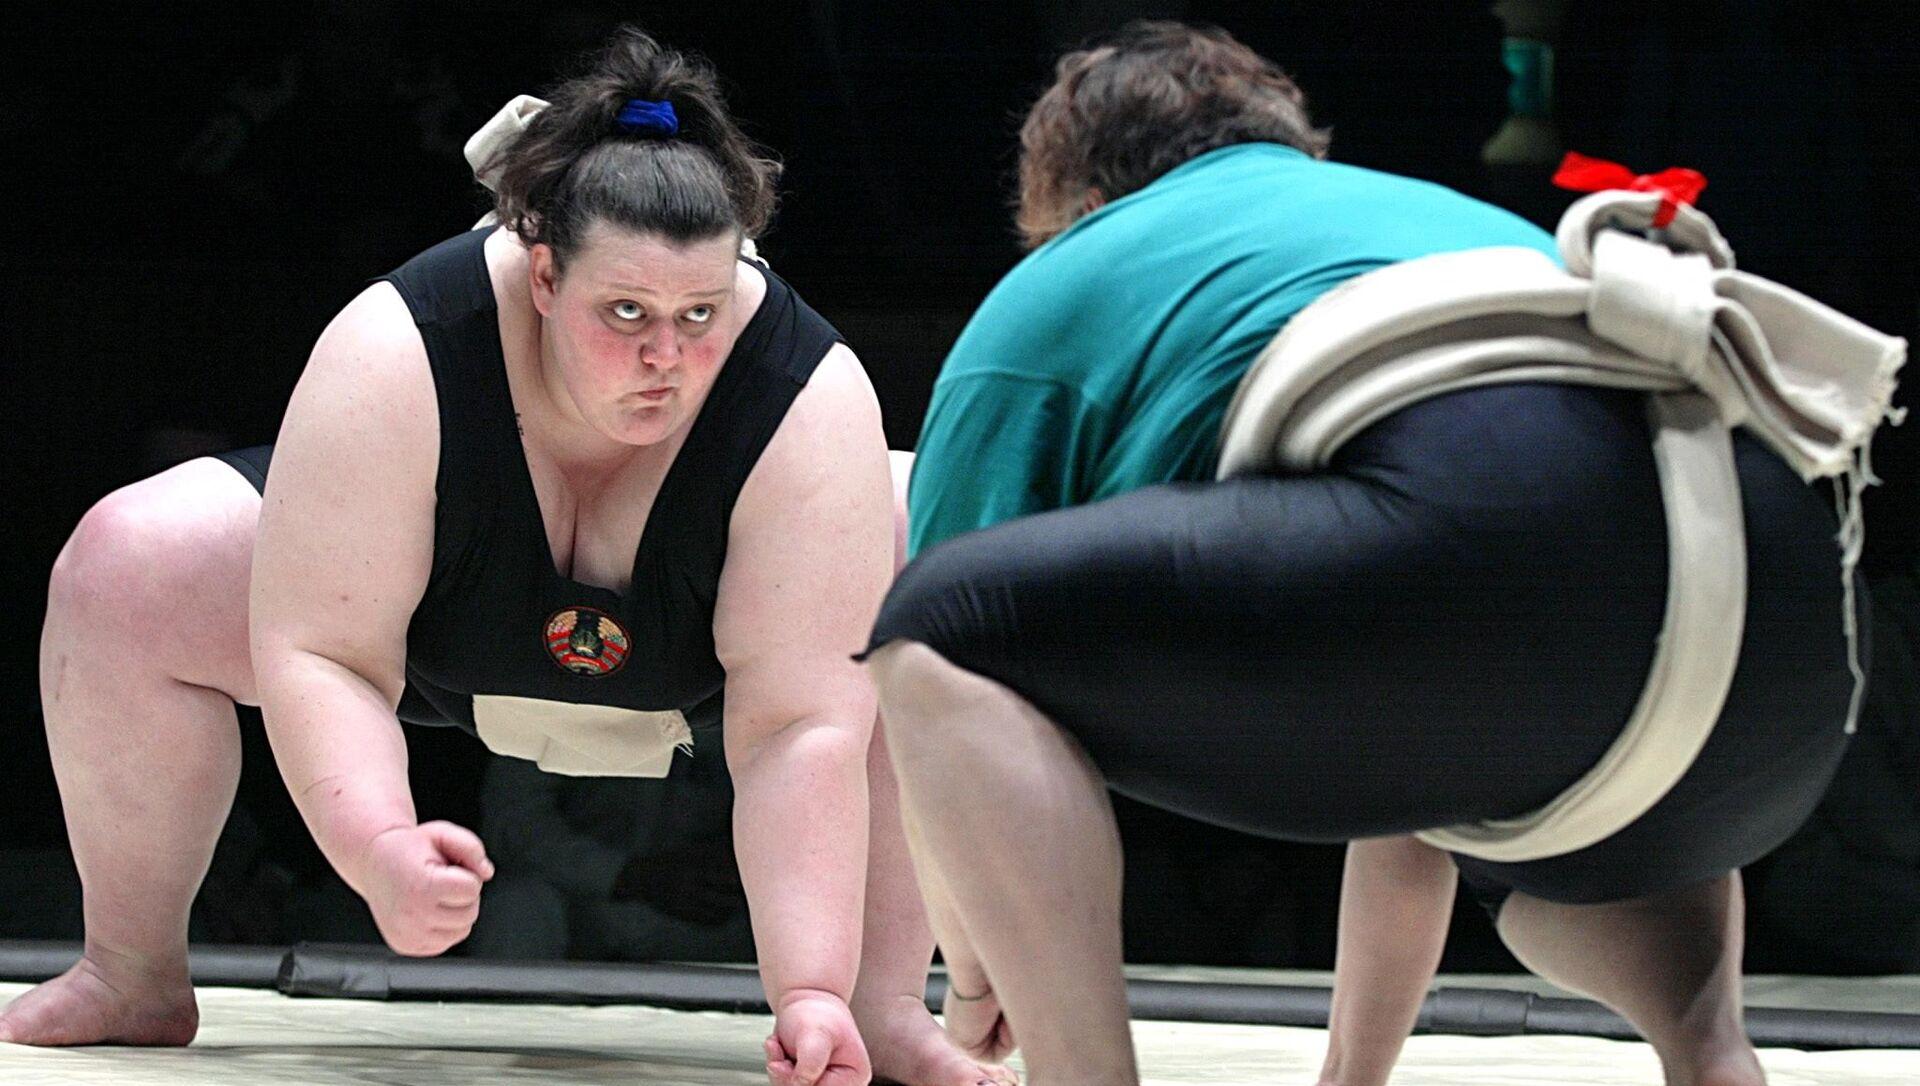 Белорусская сумоистка Вероника Козловская (слева) борется с голландкой Марией Ван Ден Бринк в ходе Международного турнира по сумо в Москве 2 февраля 2002 года - Sputnik Беларусь, 1920, 31.03.2021